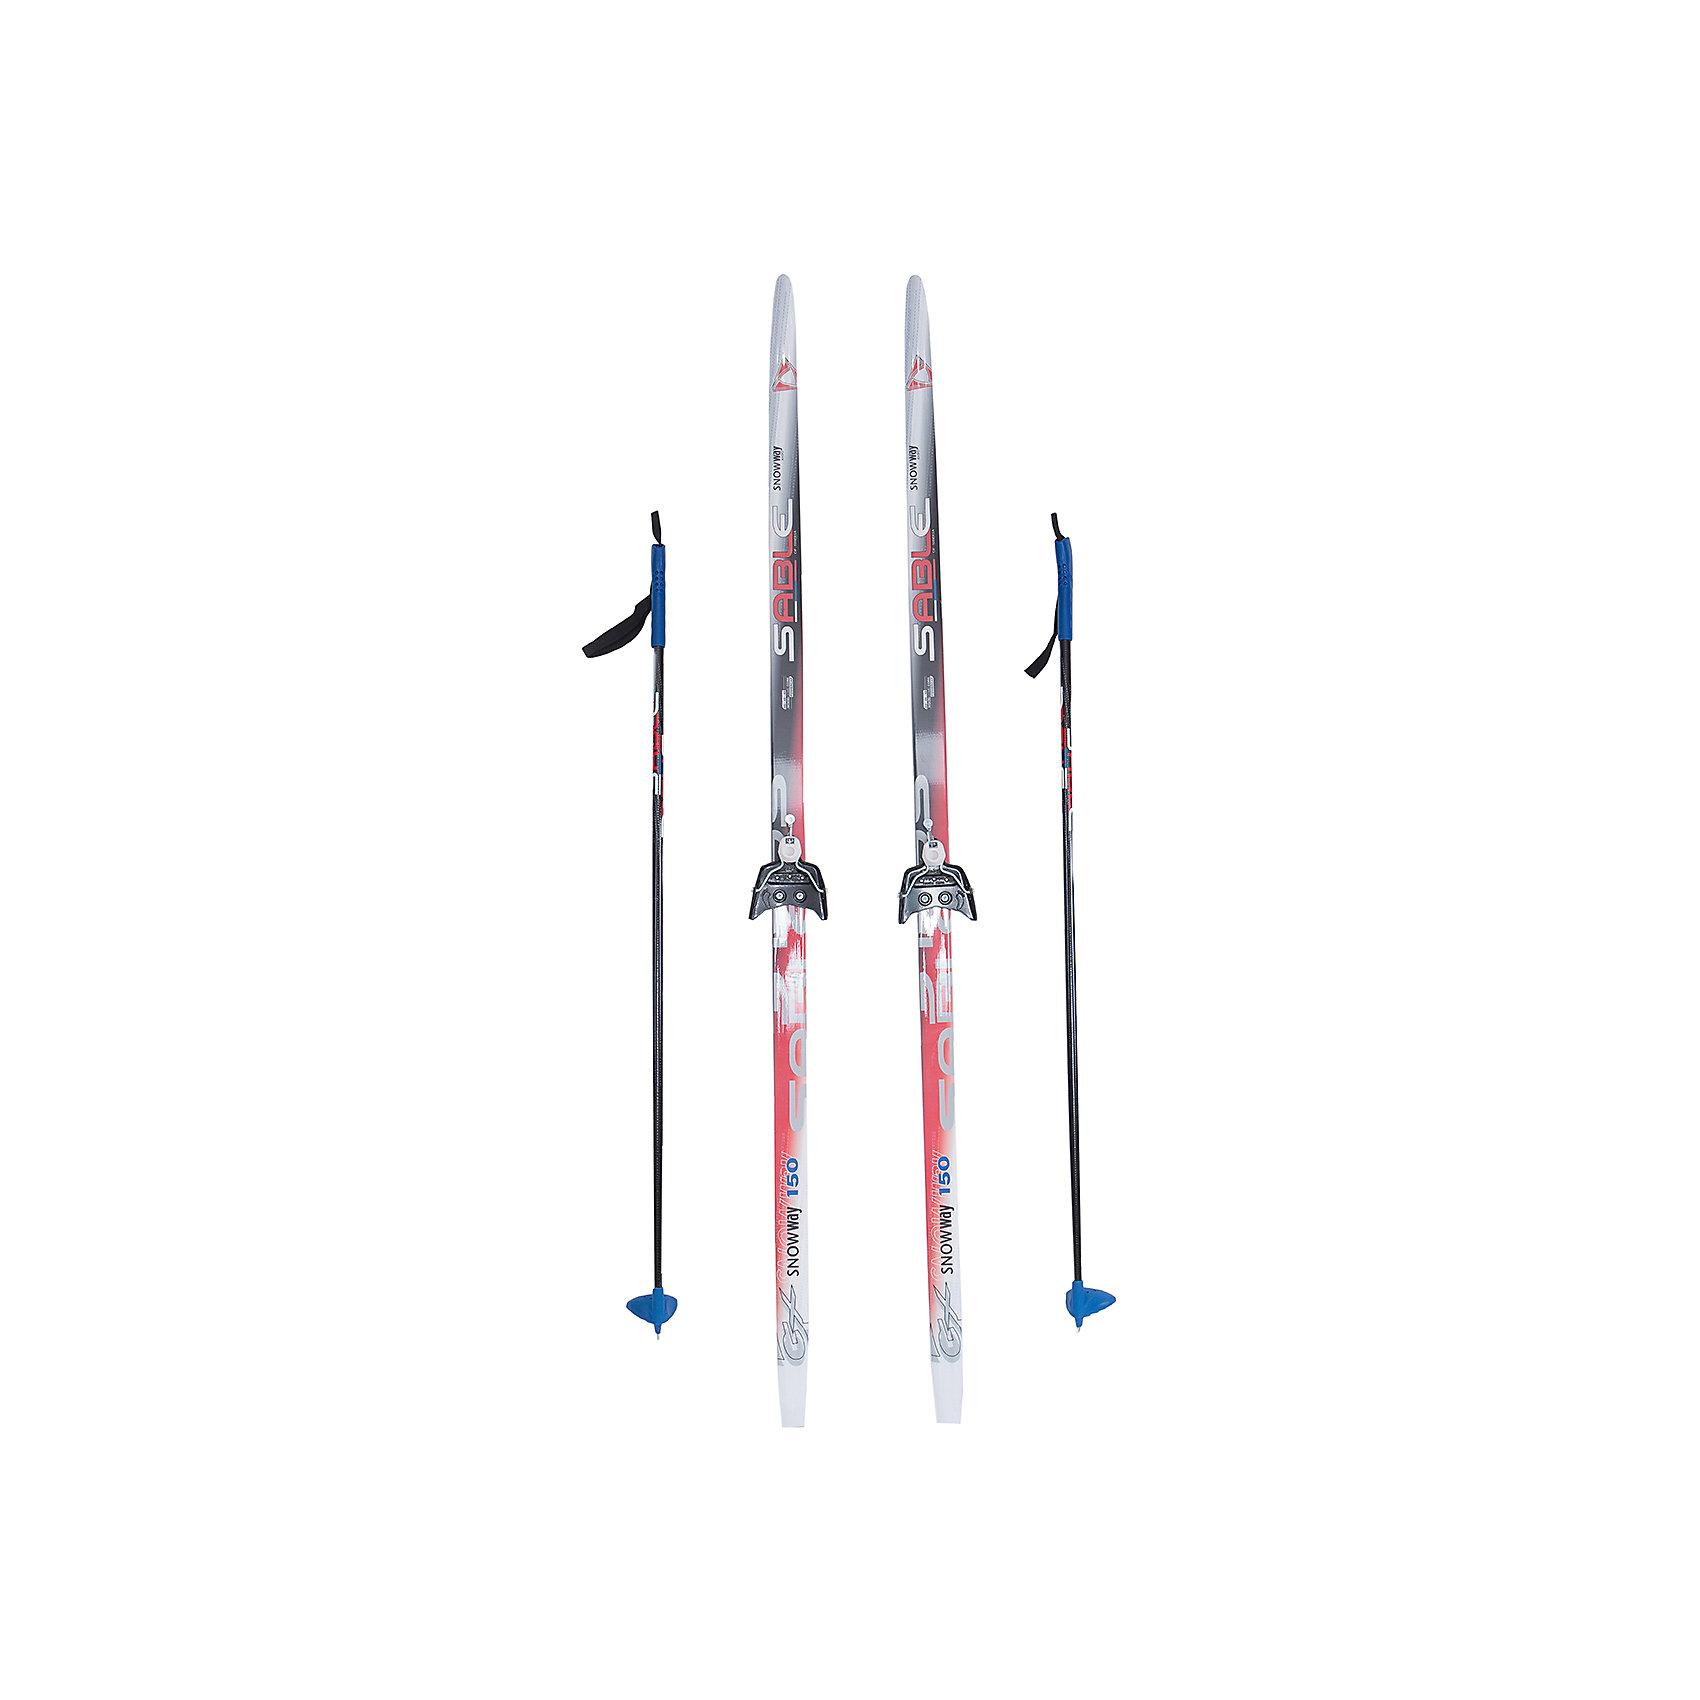 - Лыжный комплект на 75мм, Соболь, красные лыжи, палки синие пластиковые лыжи без насечки цст 180